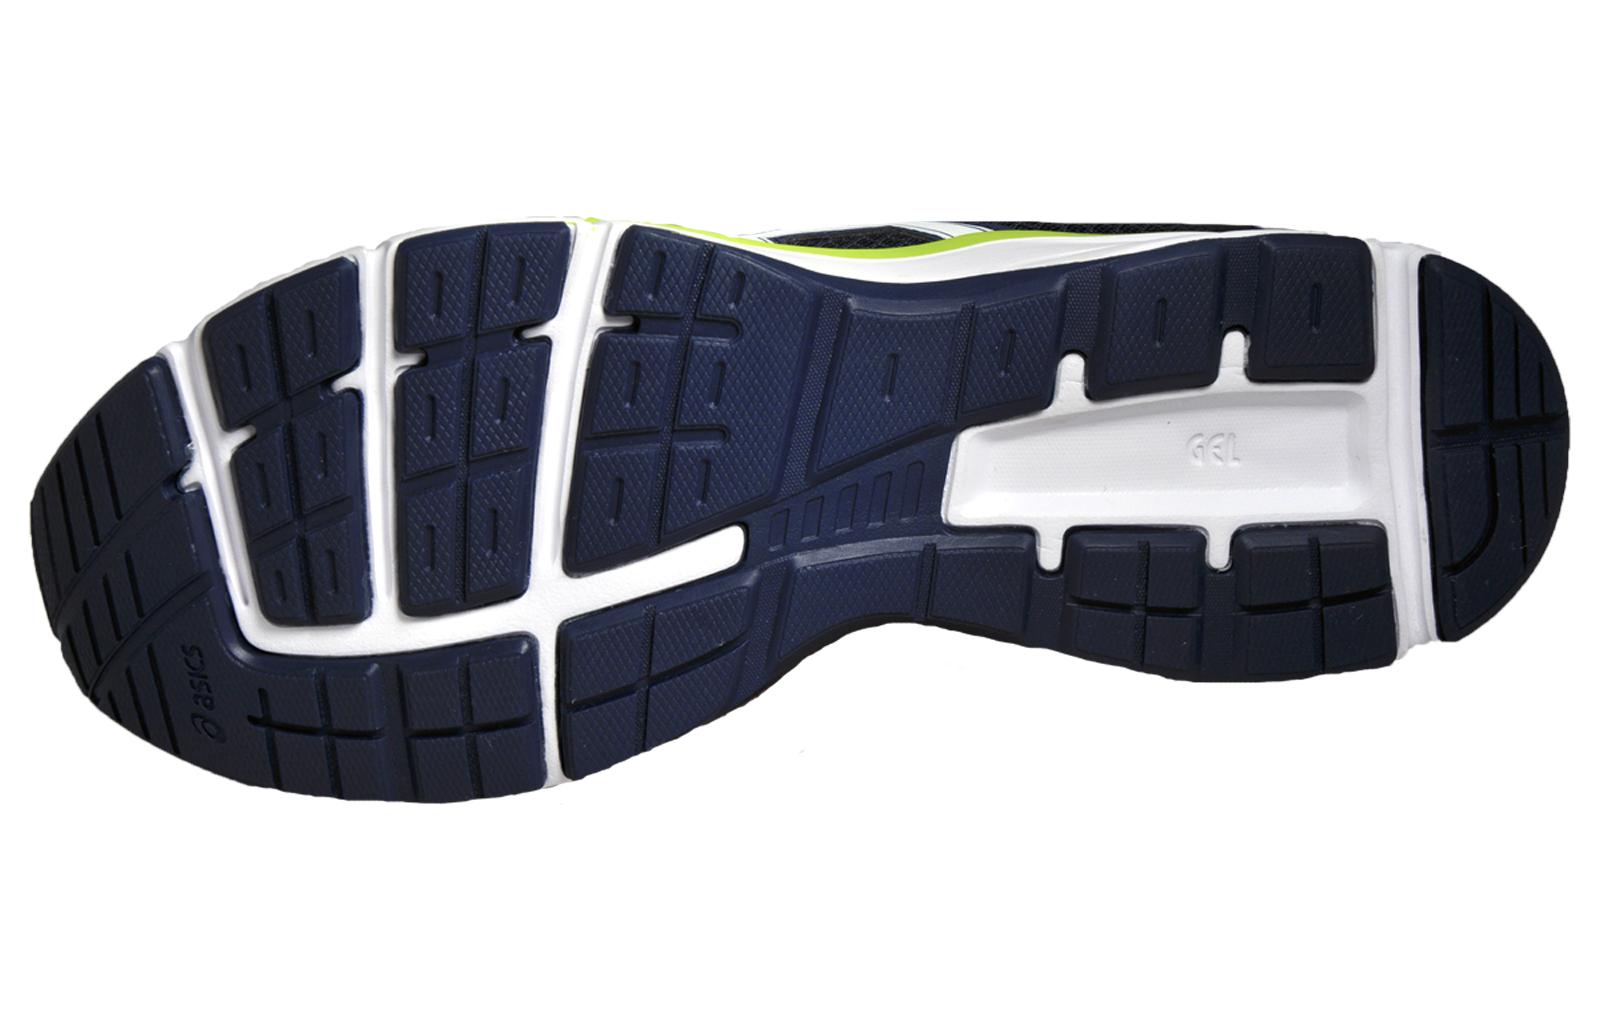 Asics Gel-galaxy 9 Zapatos Para Hombre Azul / Blanco Que Se Ejecutan v8GUq2y